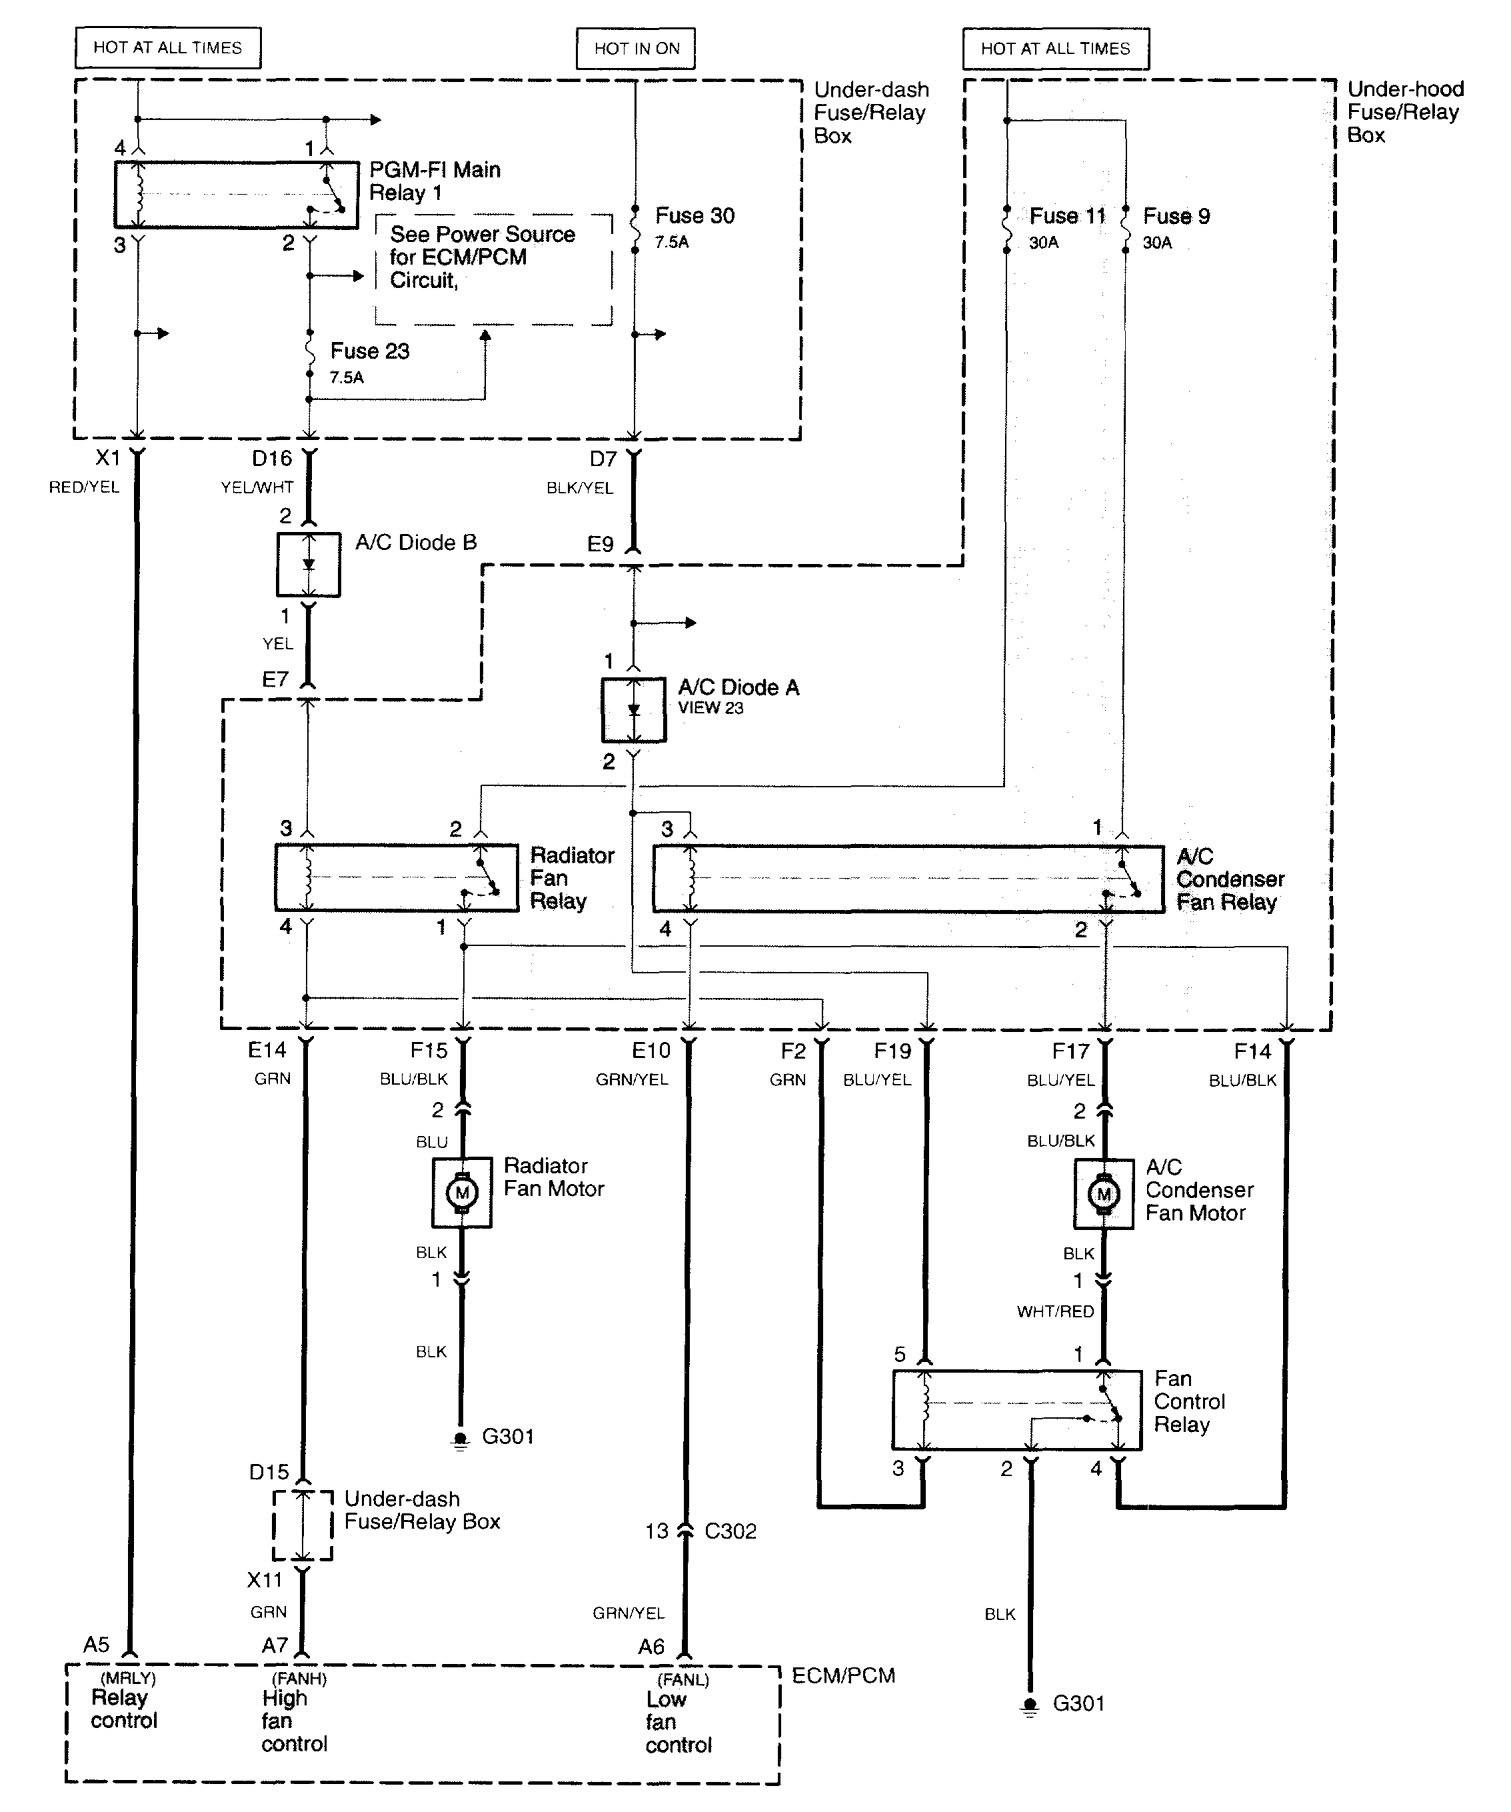 Bmw Z4 Hid With Relay Wiring Diagram - Uvx.schullieder.de • E Wiring Diagram on e1 wiring diagram, e47 wiring diagram, e21 wiring diagram, e32 wiring diagram, e34 wiring diagram, e39 wiring template, g21 wiring diagram, bmw wiring diagram, z8 wiring diagram, e30 wiring diagram, e24 wiring diagram, e38 wiring diagram, gm wiring diagram, x1 wiring diagram, z1 wiring diagram, e39 radio wiring, g23 wiring diagram, e46 wiring diagram, e67 wiring diagram, e53 wiring diagram,